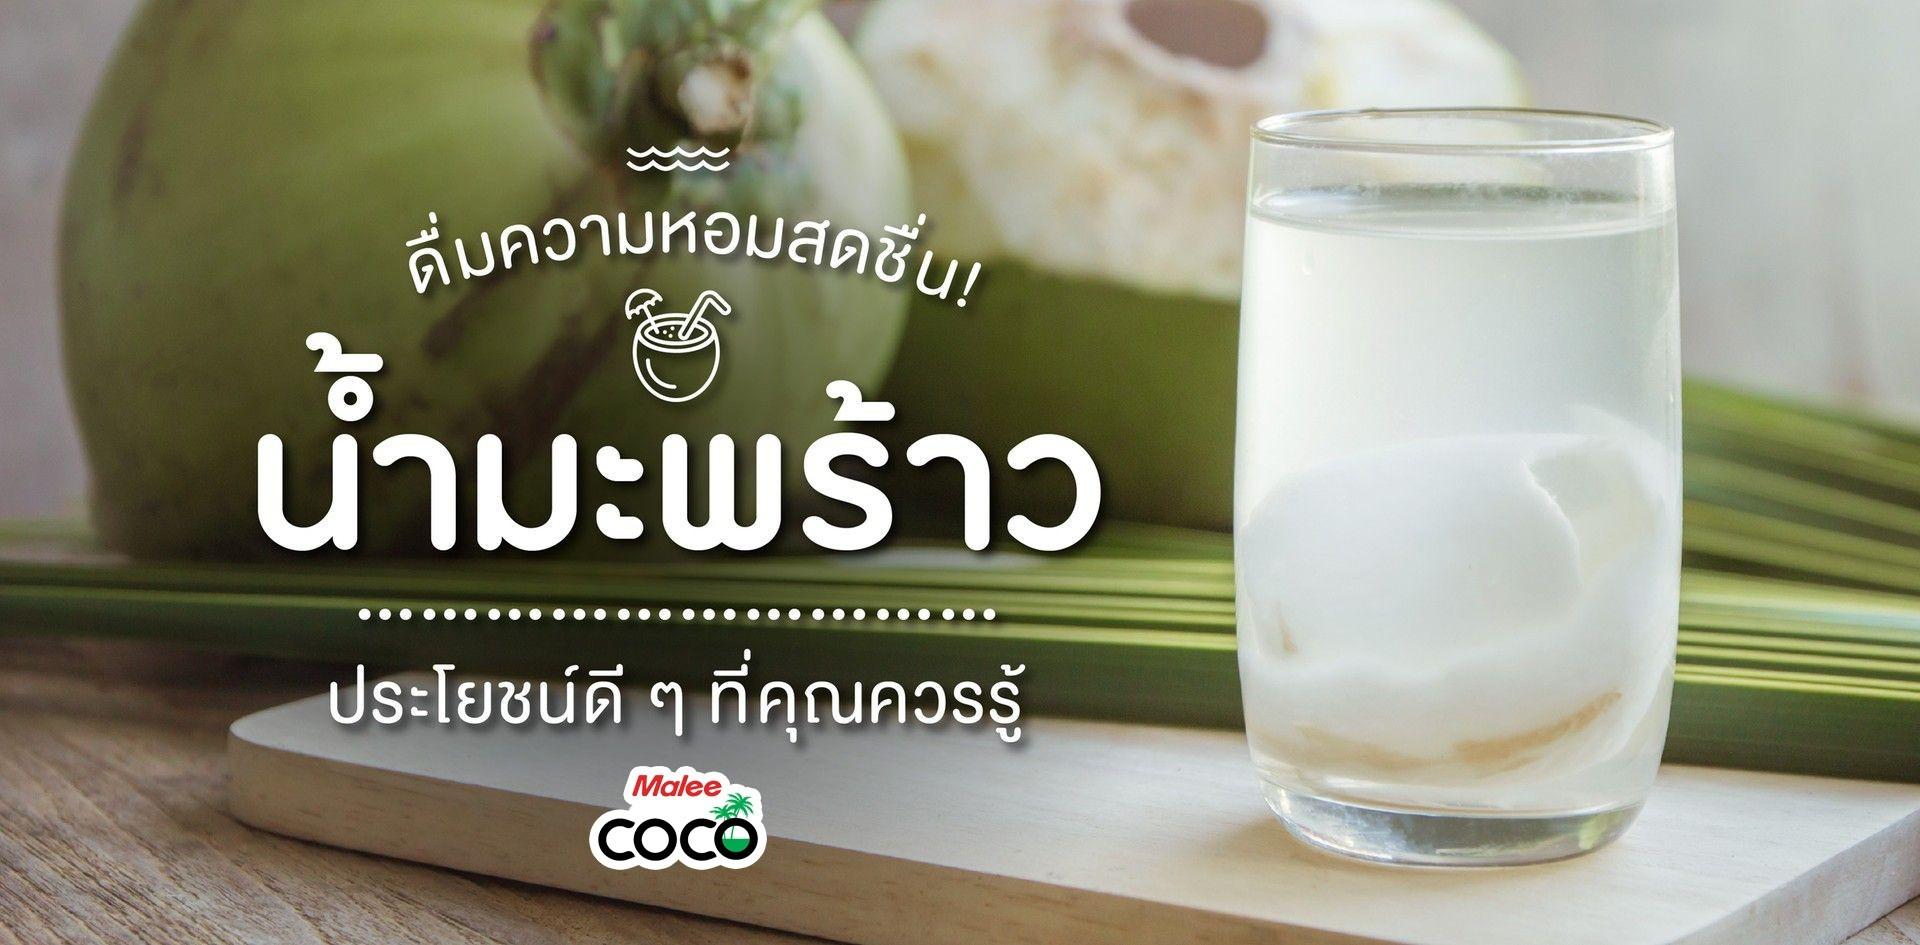 น้ำมะพร้าว ประโยชน์ดี ๆ ที่คุณควรรู้